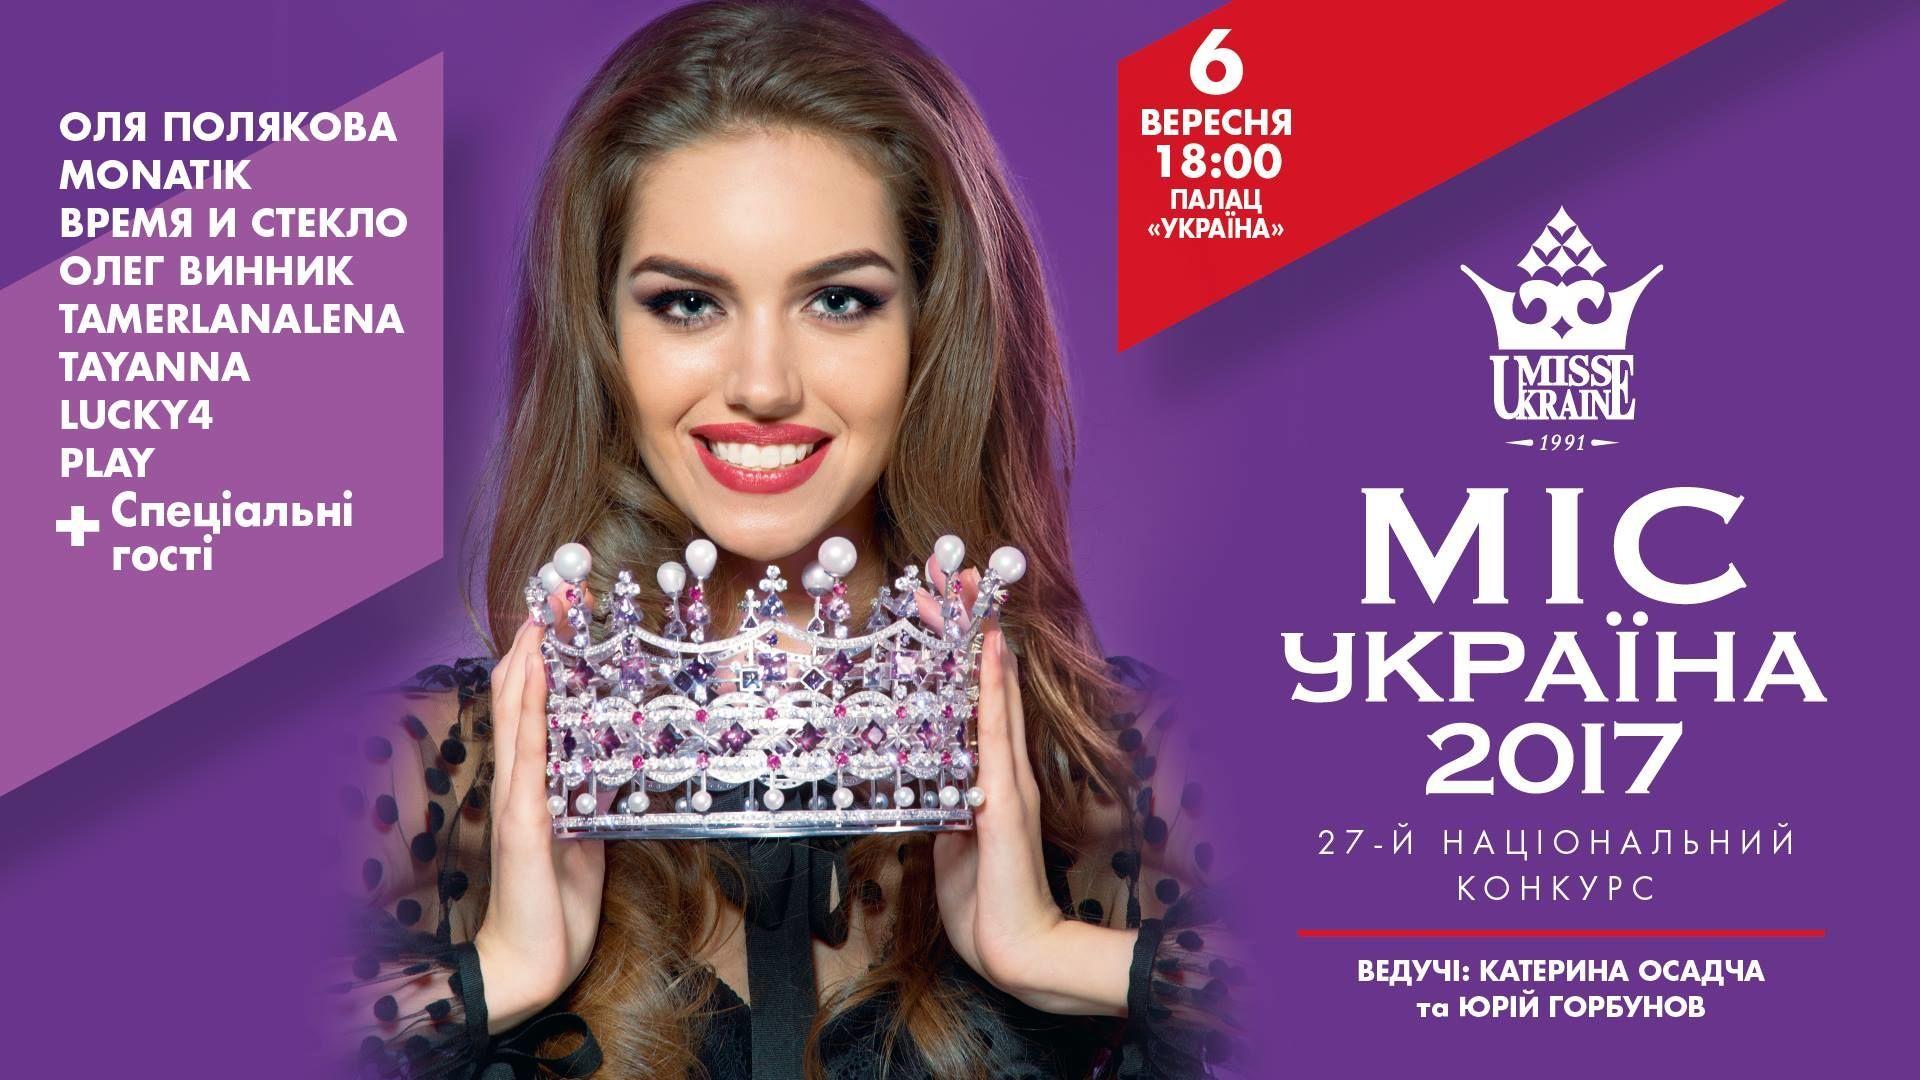 Міс Україна 2017 афіша